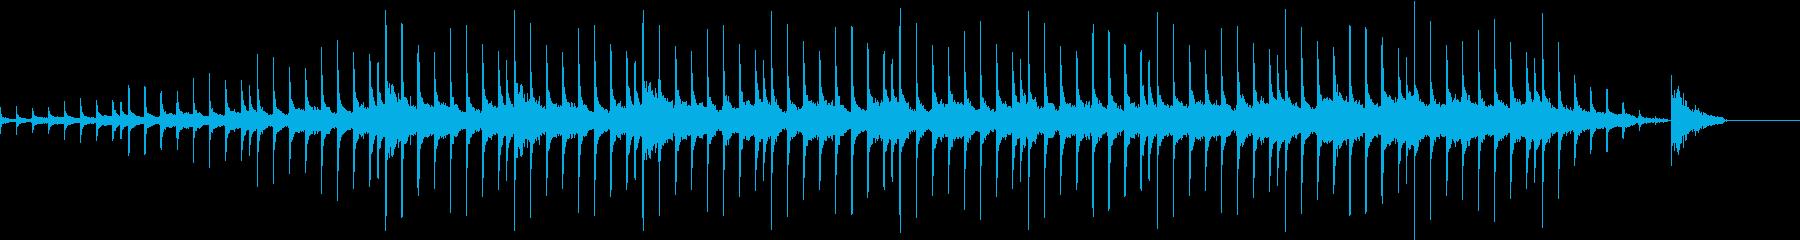 ピアノコードループ、不協和音の再生済みの波形